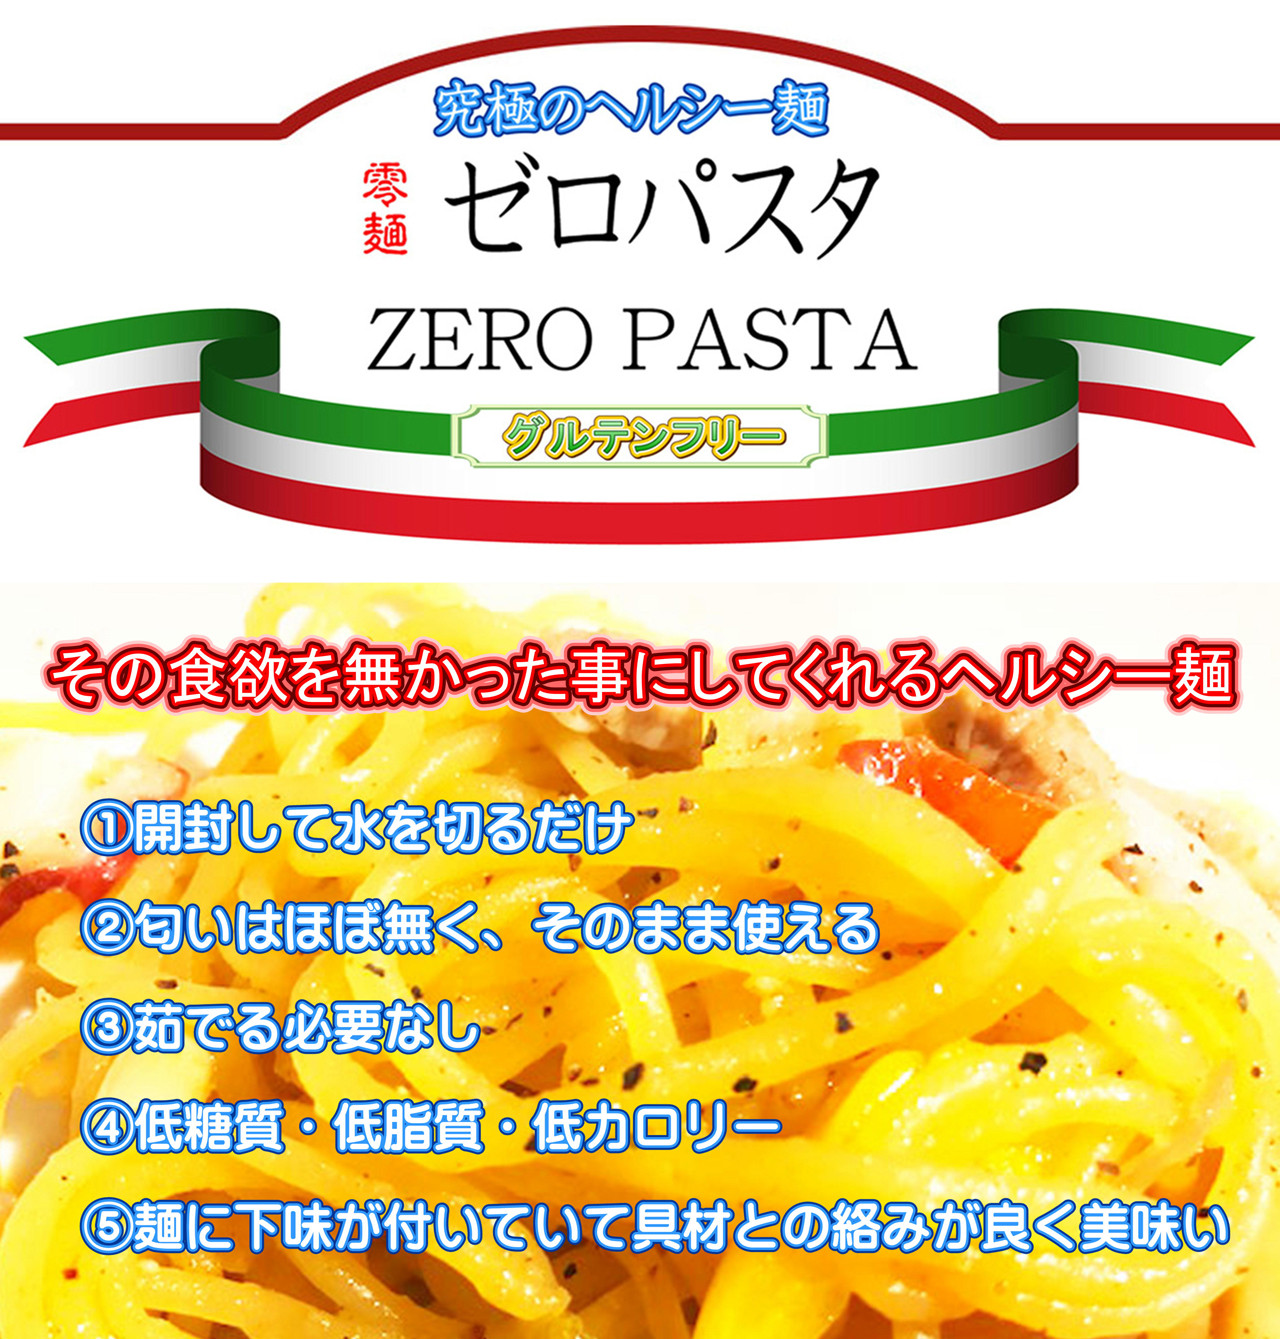 糖質・脂質・カロリーが、通常パスタの約13分の1に!究極のヘルシー麺「ゼロパスタ」をお試しください!